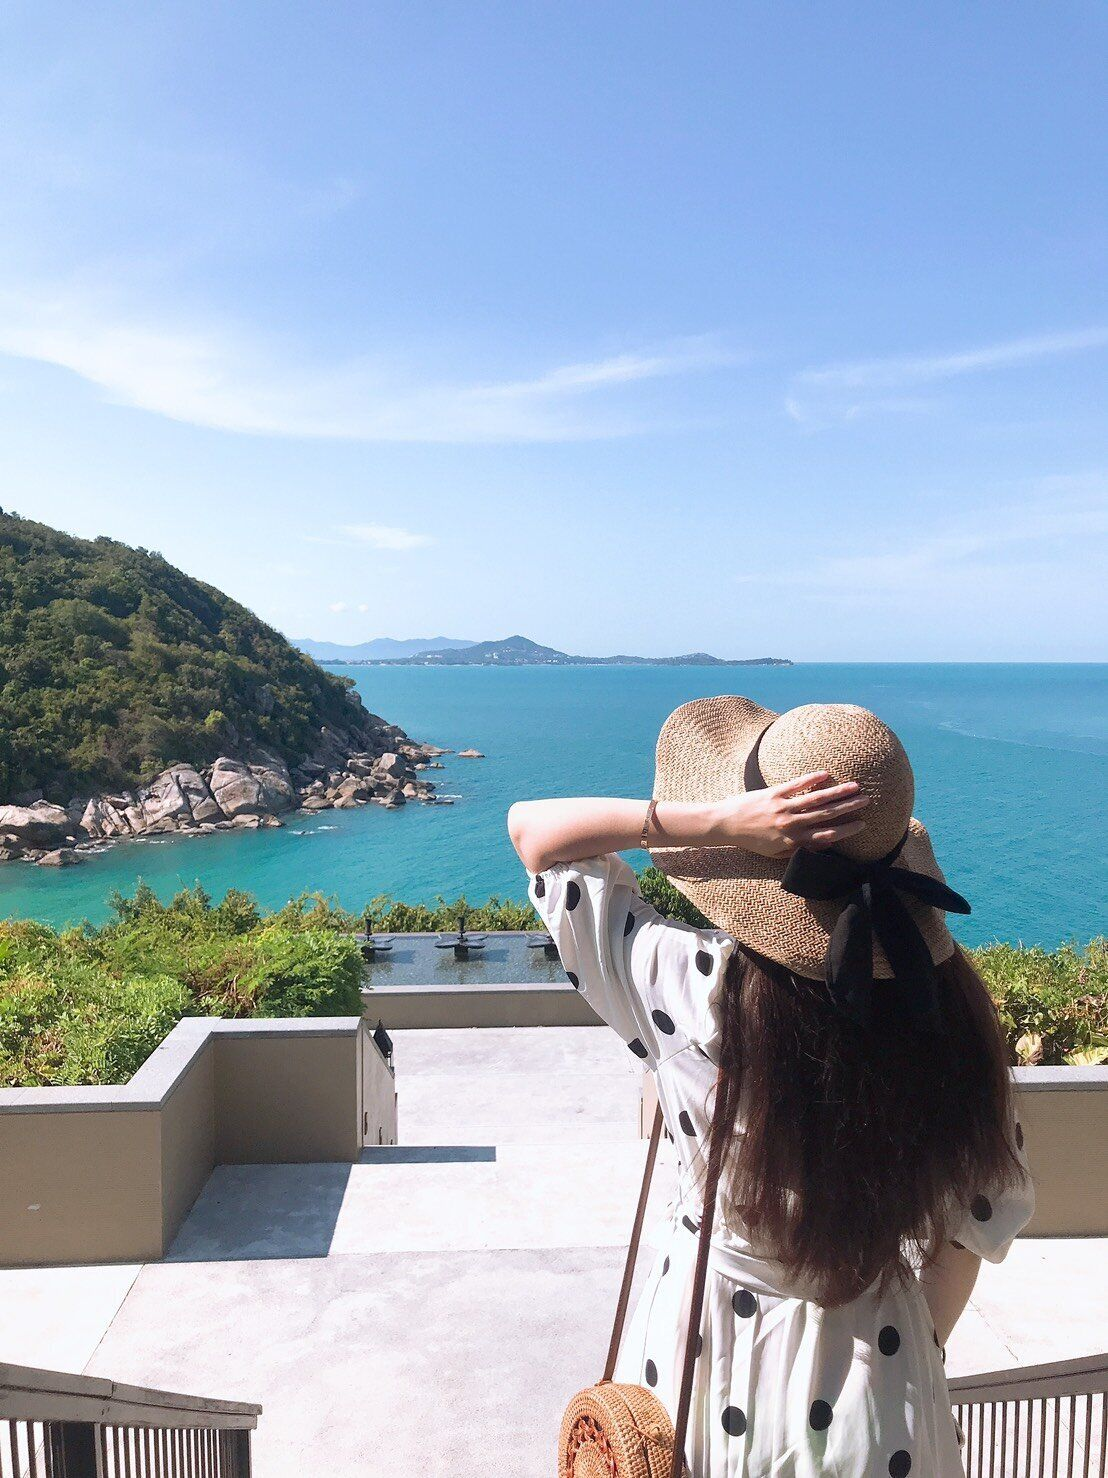 ▲對於這次安排的住宿,林采緹非常滿意,更極力推薦悅榕莊度假村。